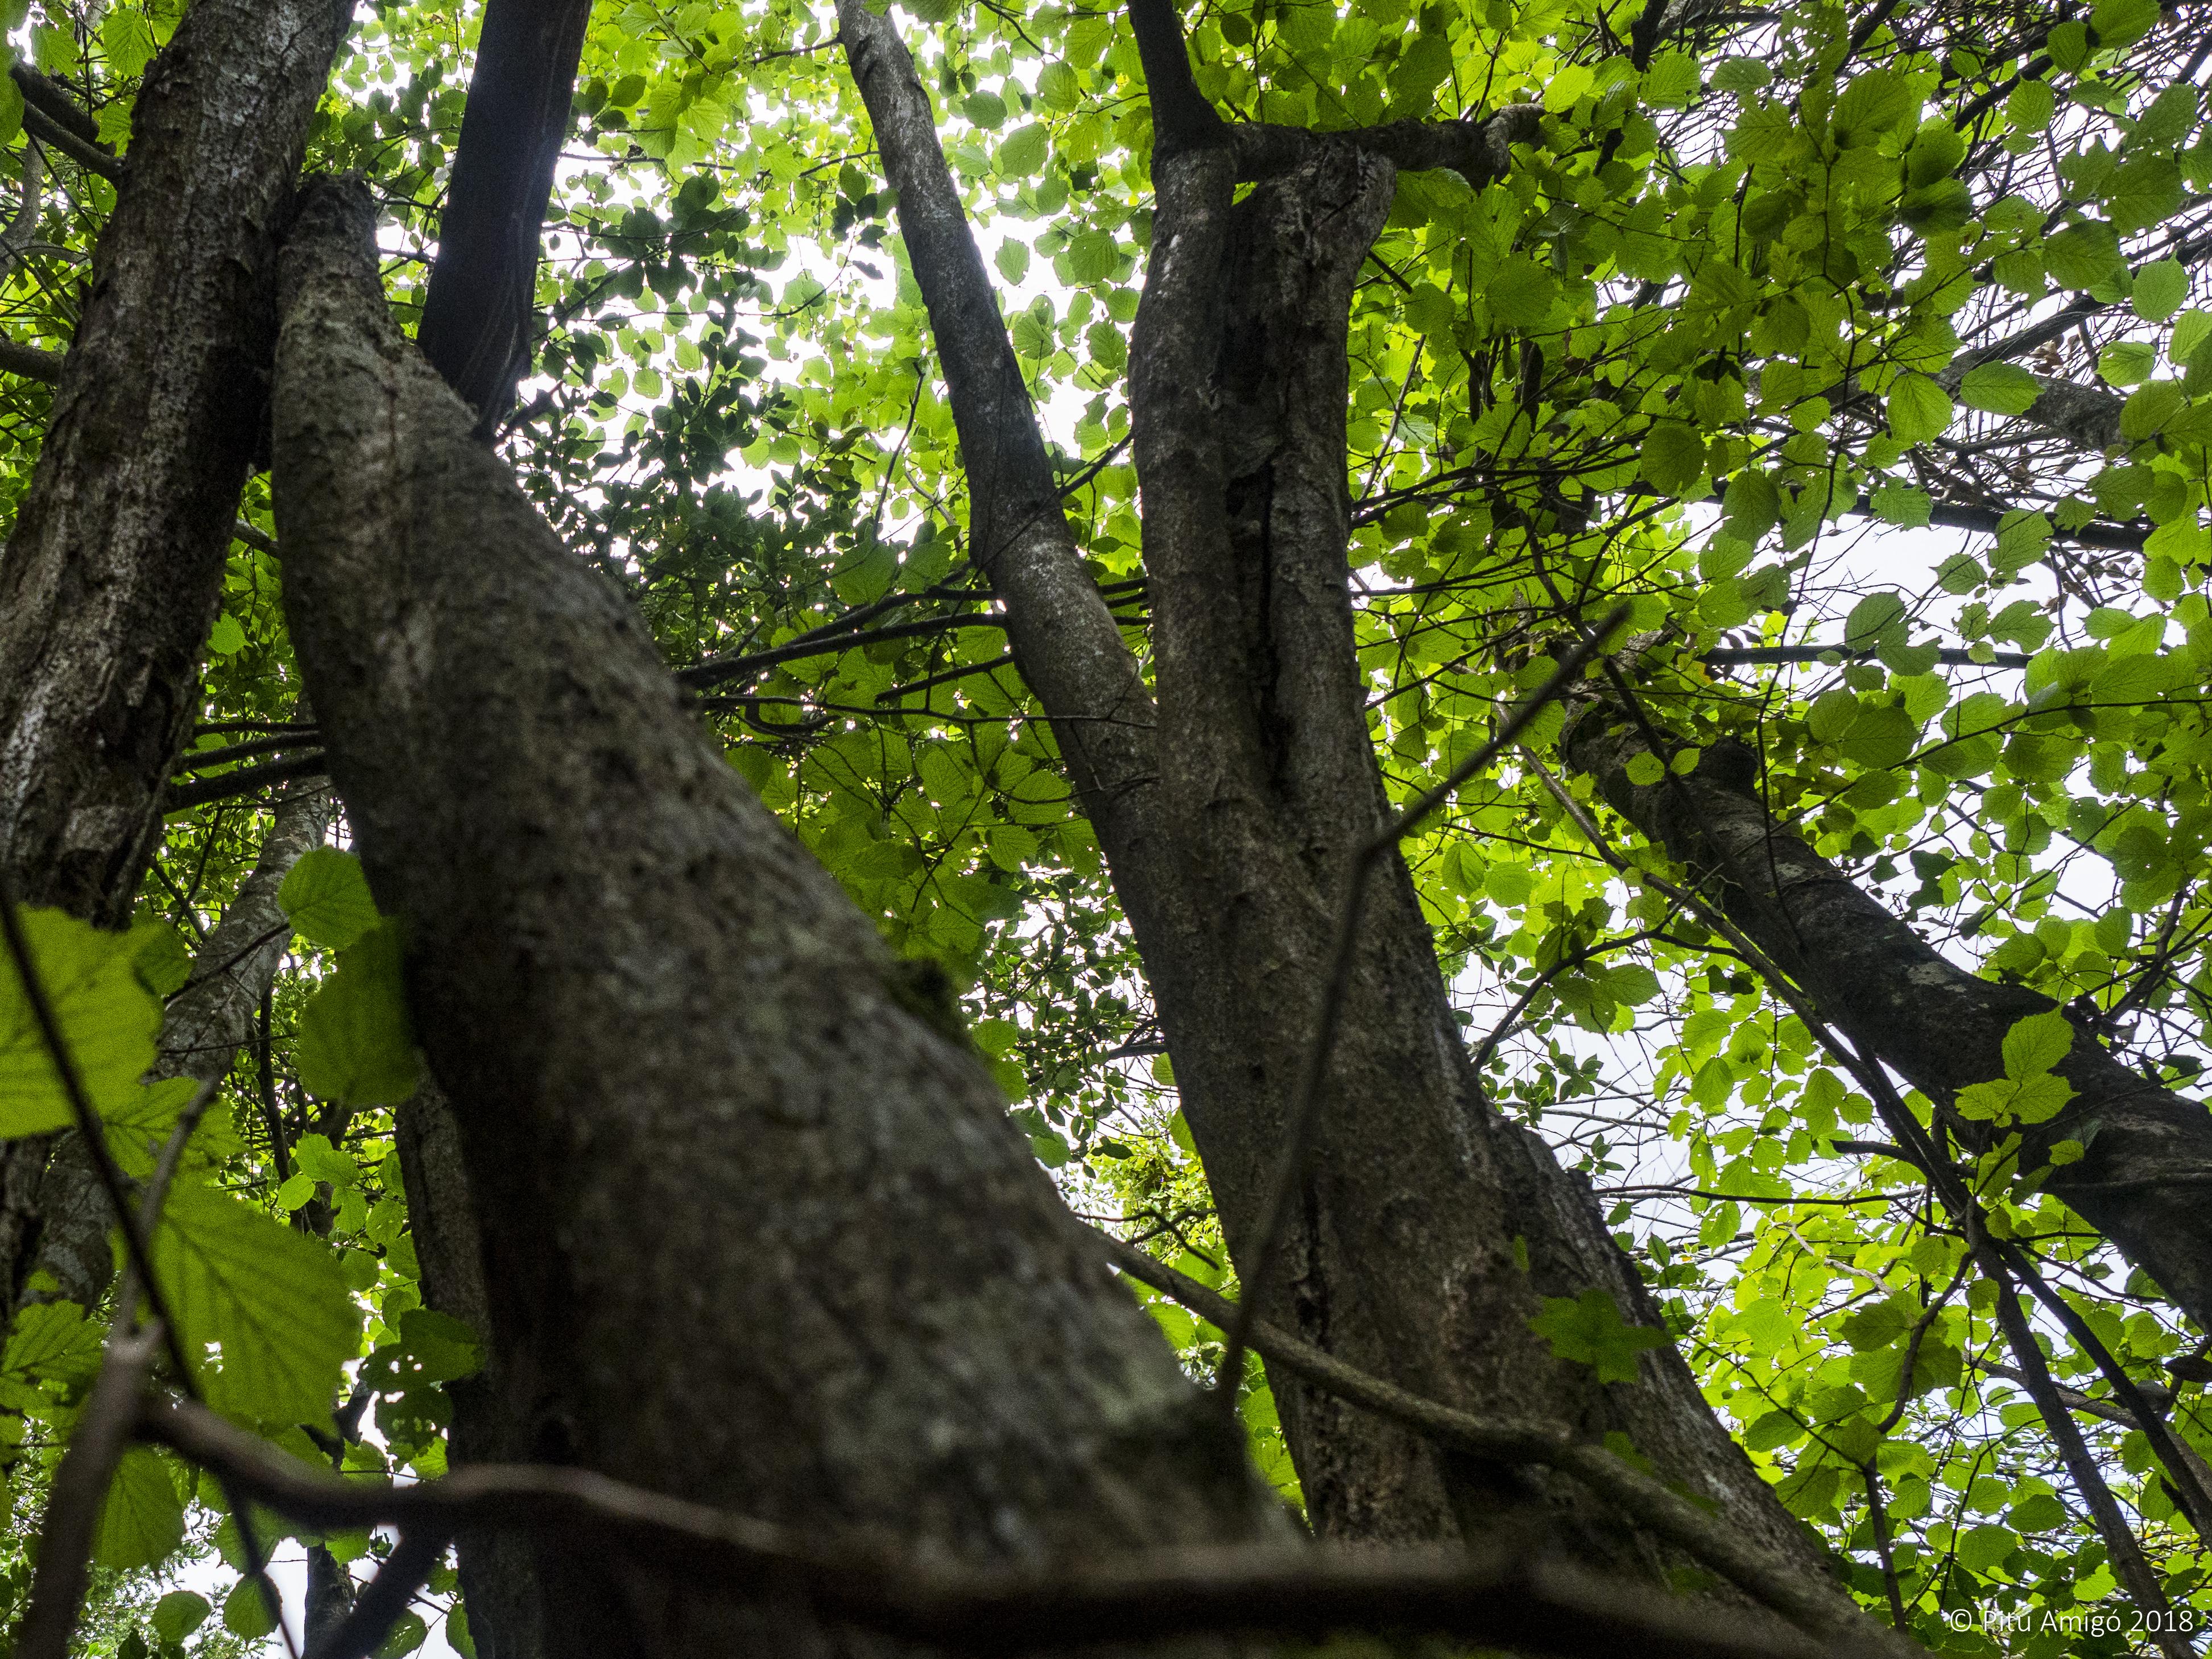 L'avellaner de l'aigüeta (Corylus avellana). PNIN Poblet, L'Espluga de Francolí. Arbres Singulars.